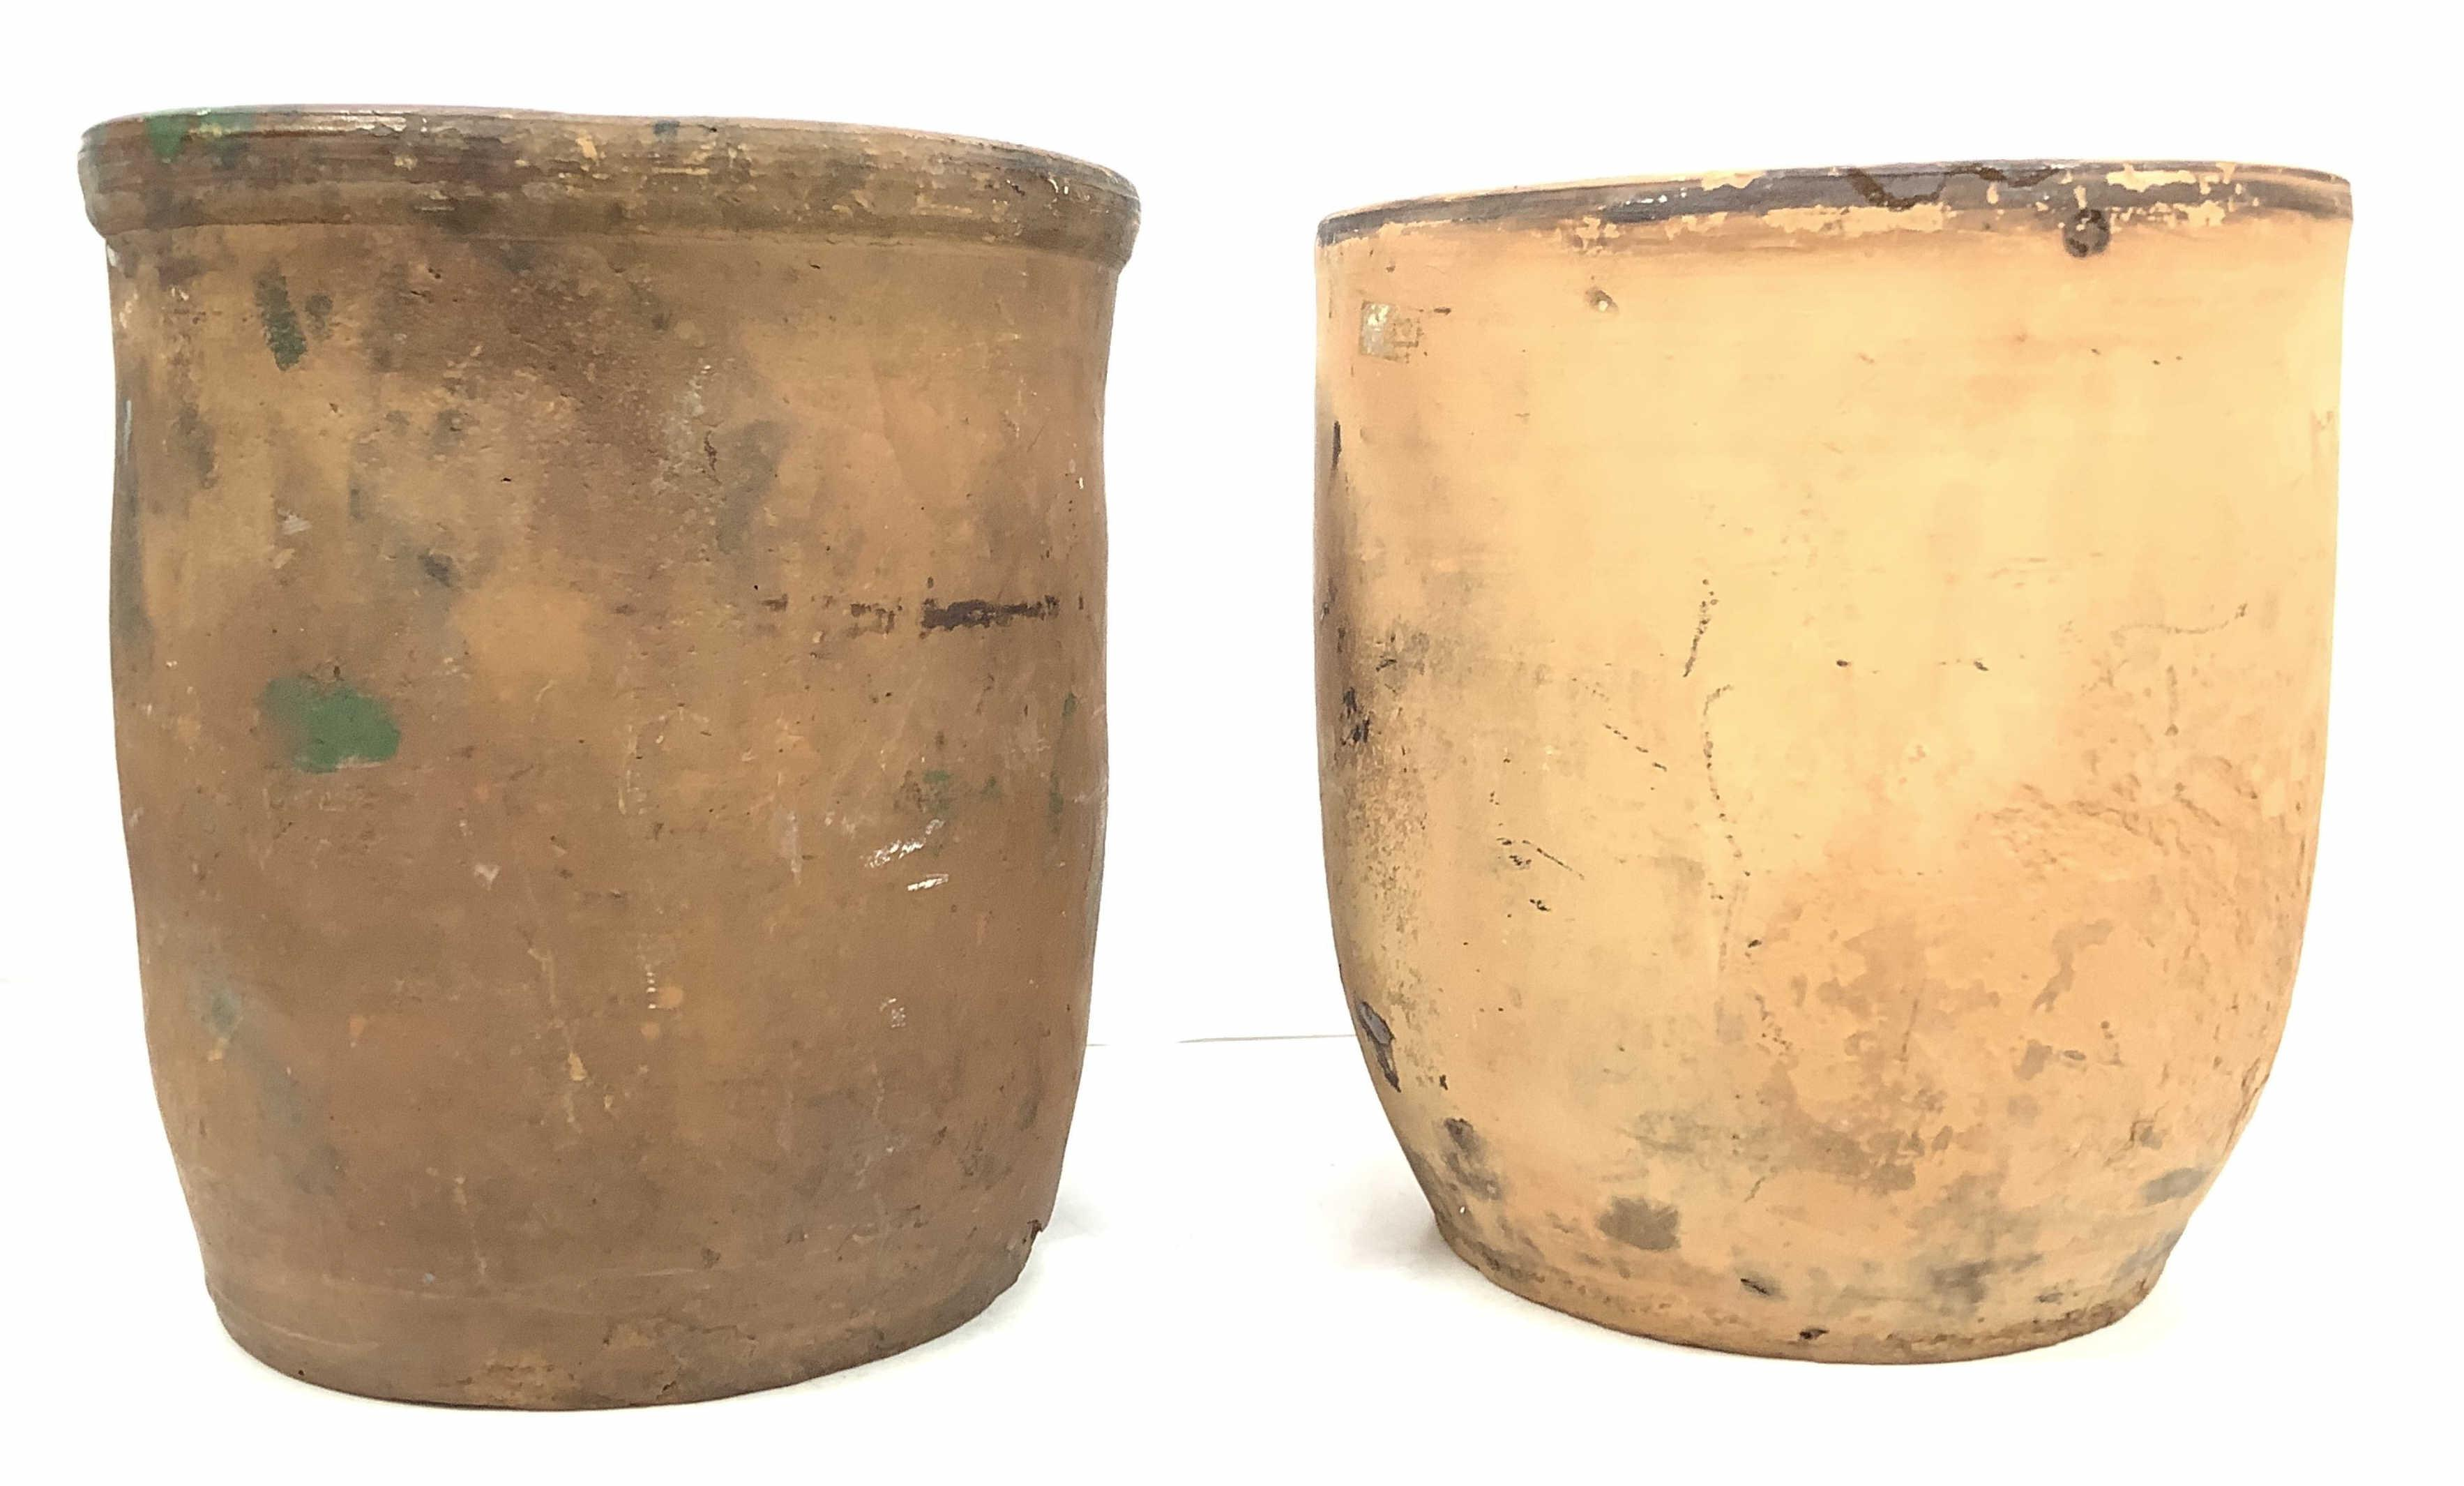 (2pc) Antique Redware Storage Pots